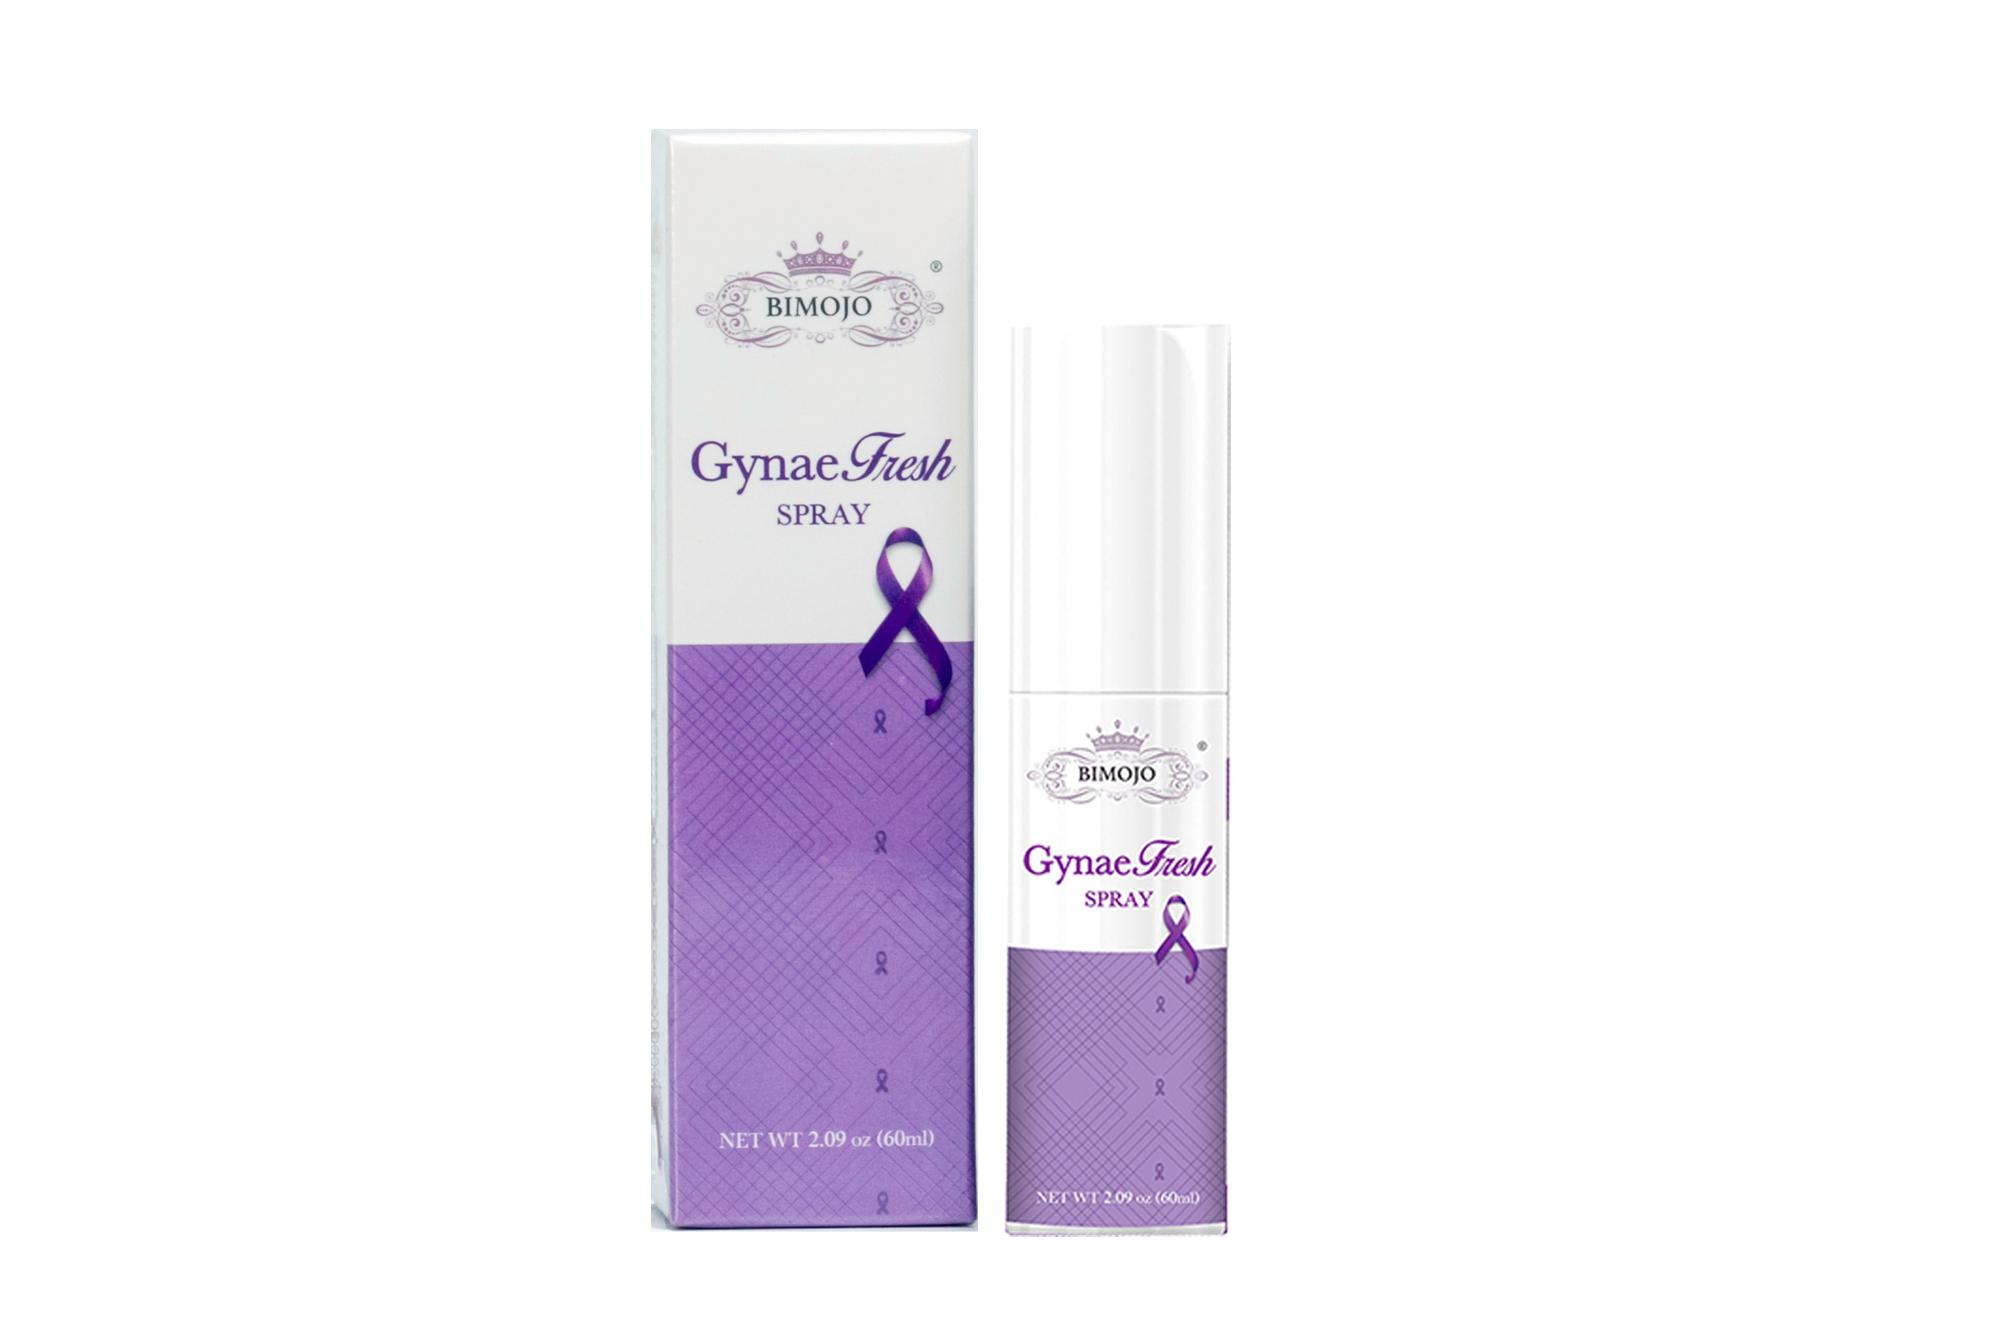 Bimojo Gynae Fresh Spray